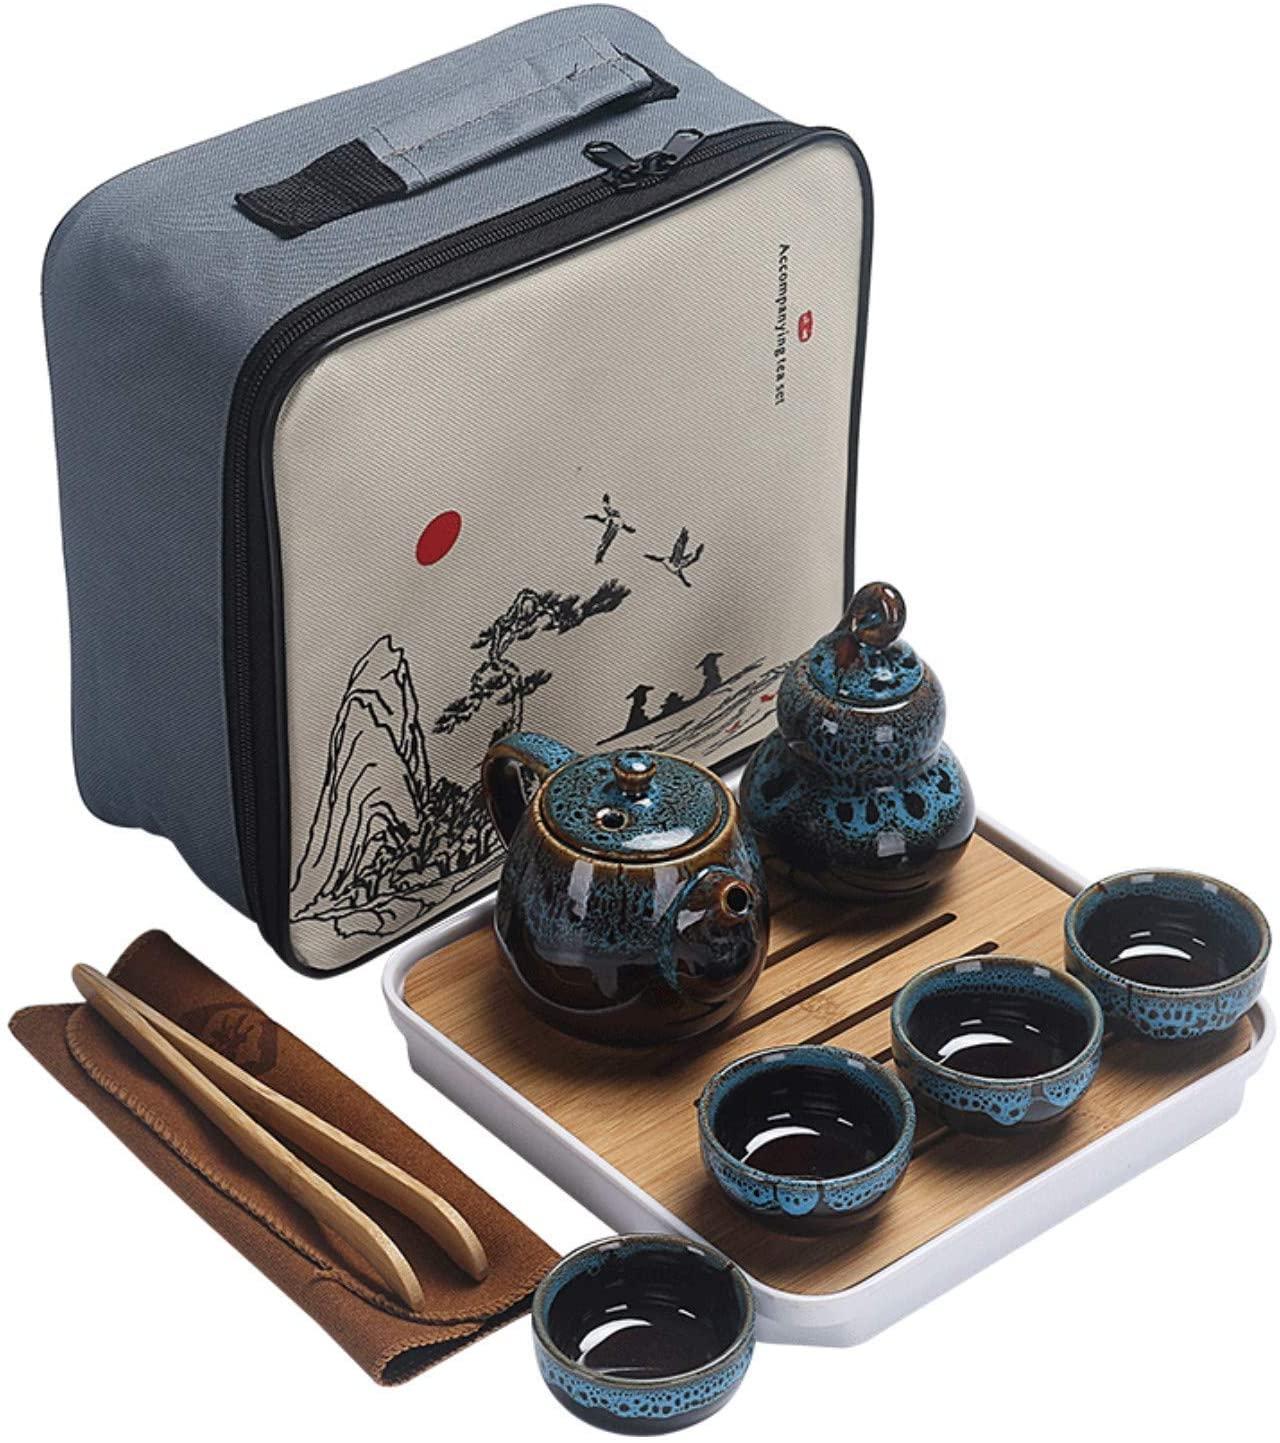 طقم شاي الكونغفو ، طقم شاي للسفر محمول مع إبريق شاي ، شاي ، علبة شاي ، صينية الشاي و شنطة هدايا للسفر ، المنزل ، الأماكن الخارجية ، المكتب